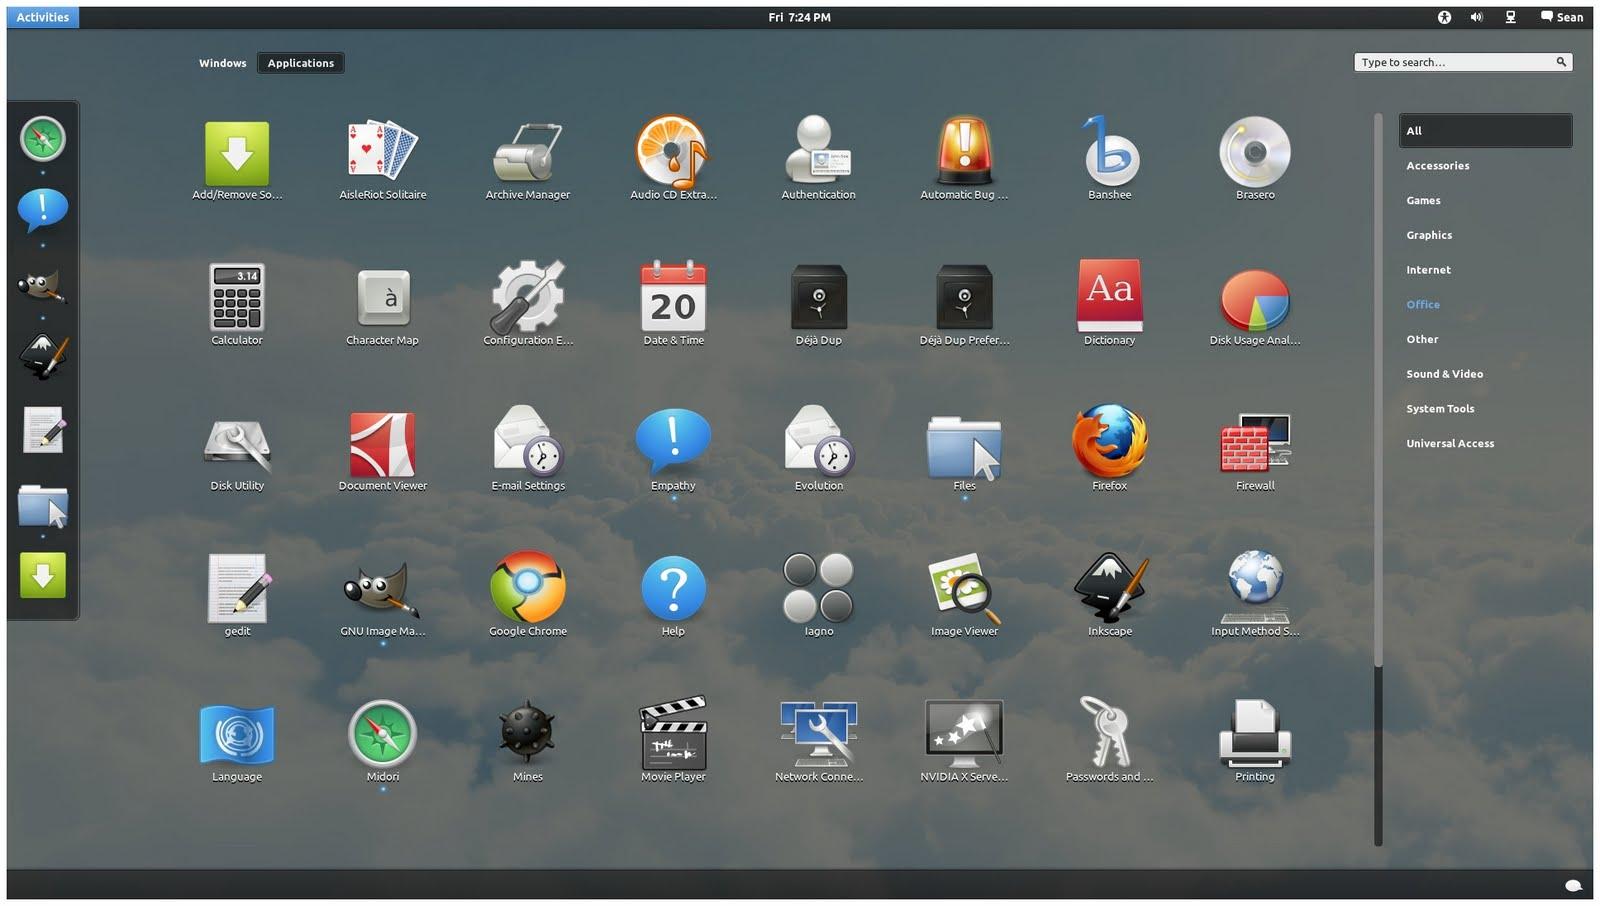 http://1.bp.blogspot.com/-JTuZBadRTUk/Tj9qYw7VgSI/AAAAAAAACVw/7d1X-gKQcT4/s1600/elementary+luna+2.jpg